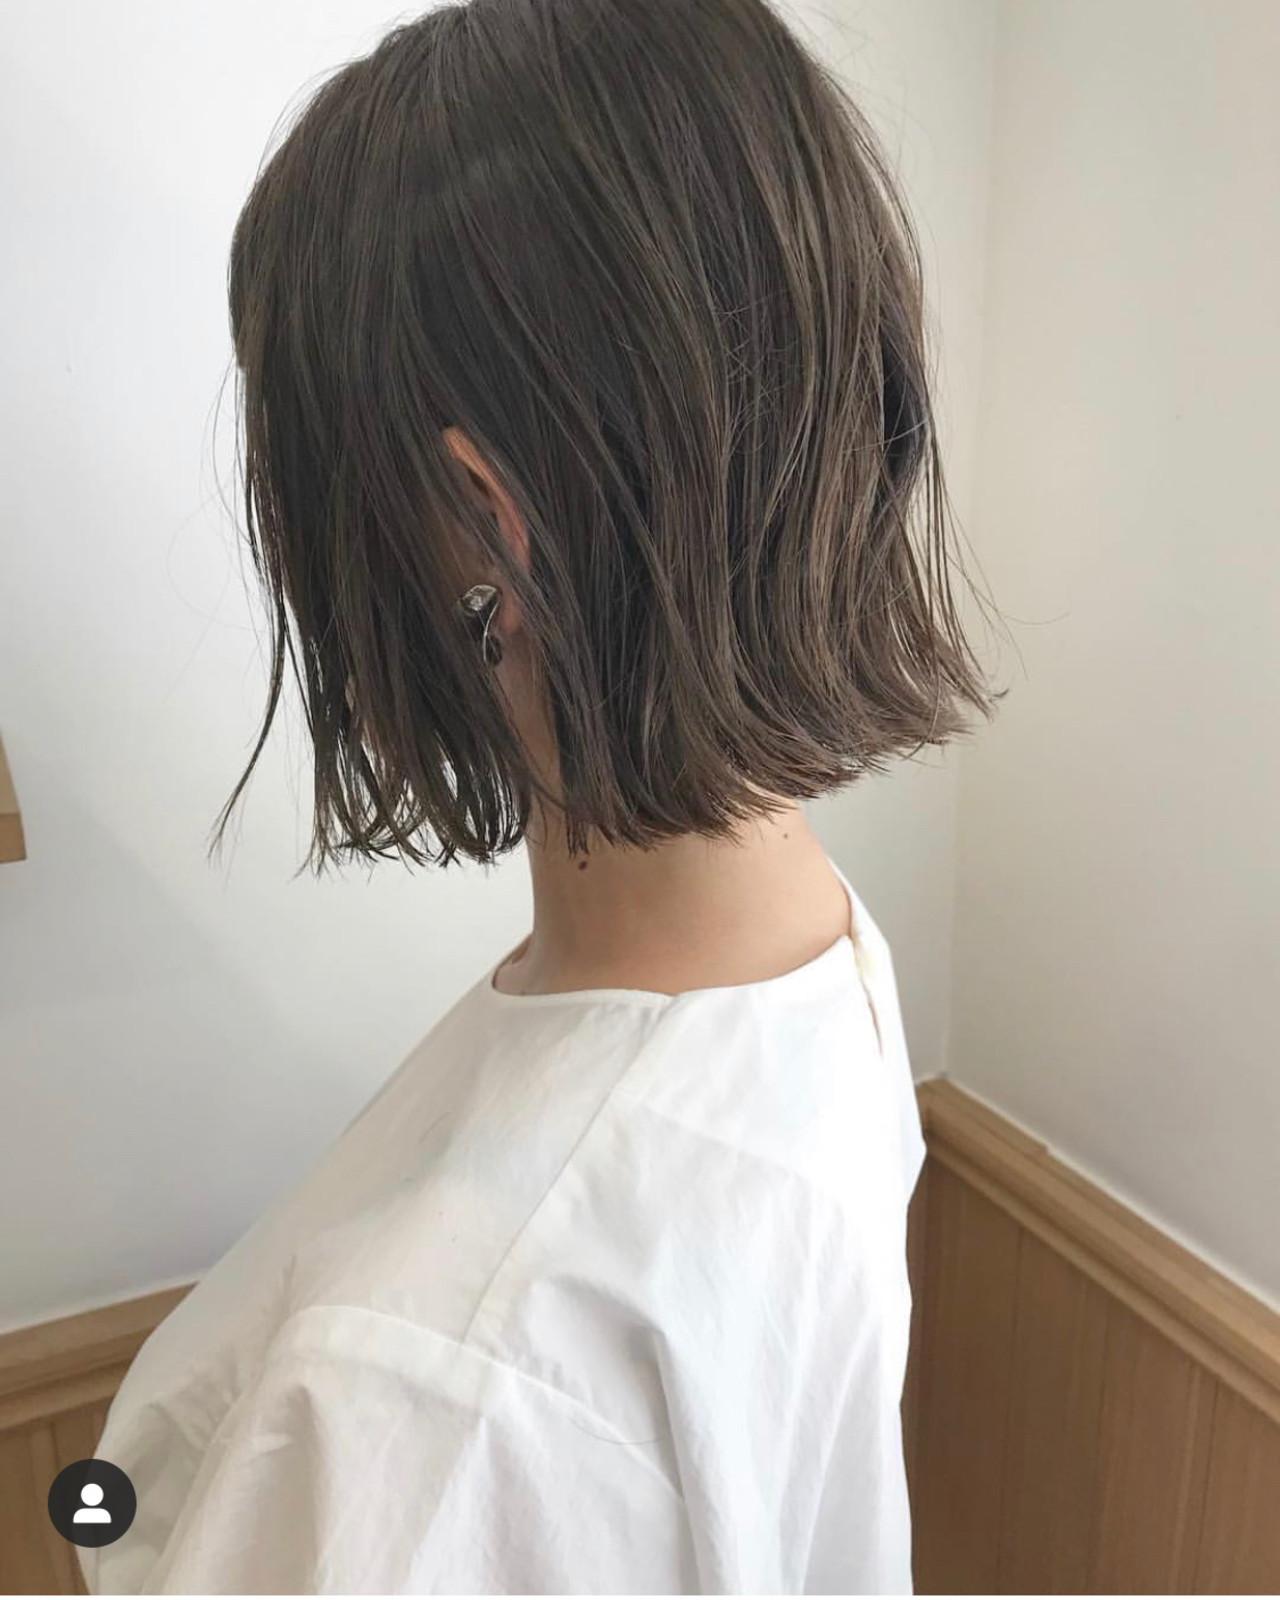 ショートヘア ショートボブ ナチュラル 切りっぱなしボブ ヘアスタイルや髪型の写真・画像 | KENTO.NOESALON / NOE SALON